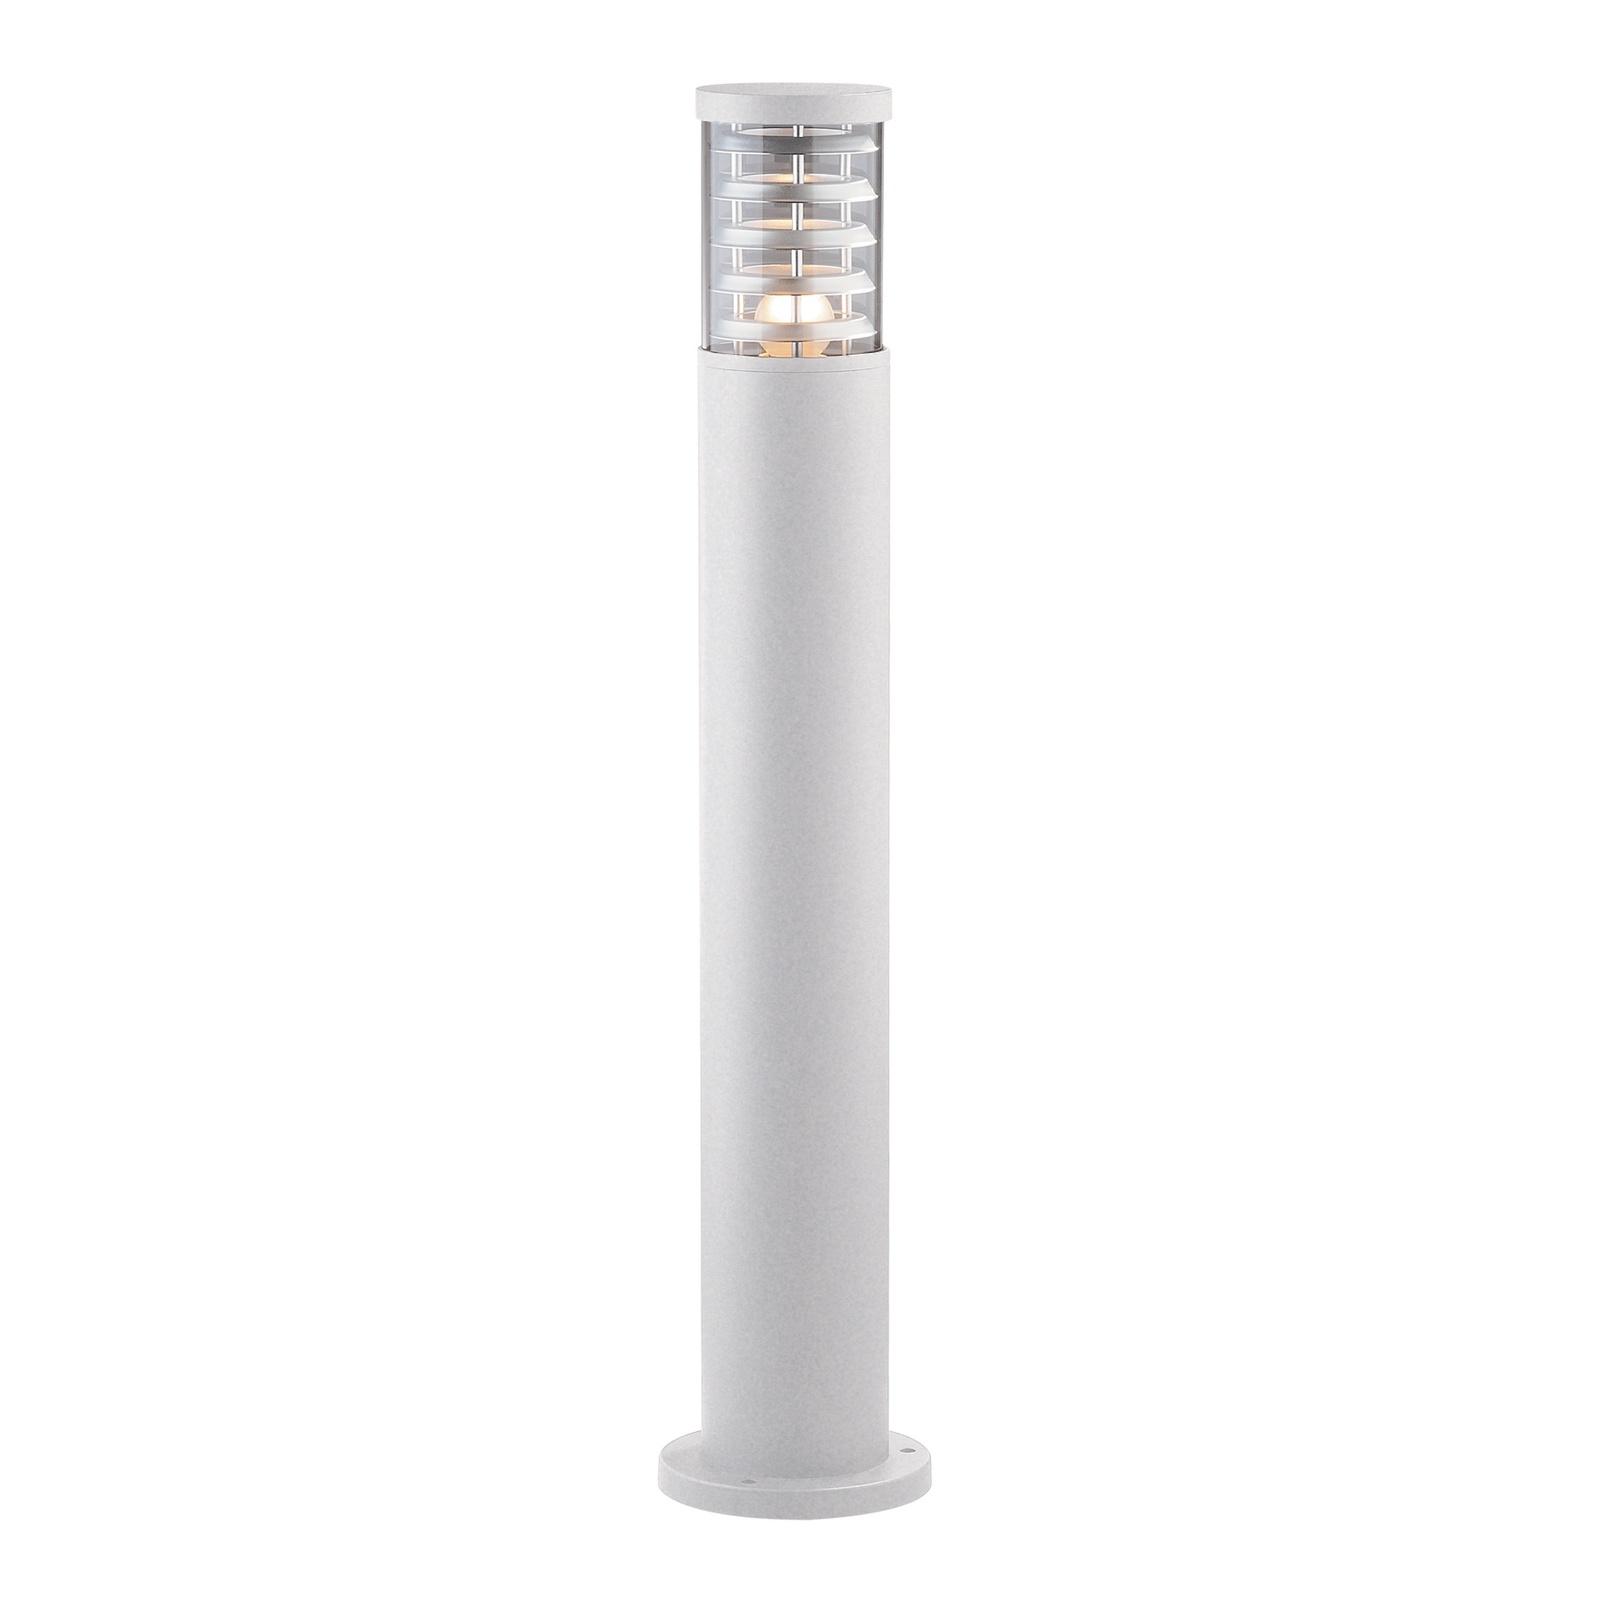 Фото - Напольный светильник Ideal Lux PT1 BIG ANTRACITE уличный светильник ideal lux bamboo antracite bamboo pt1 big antracite